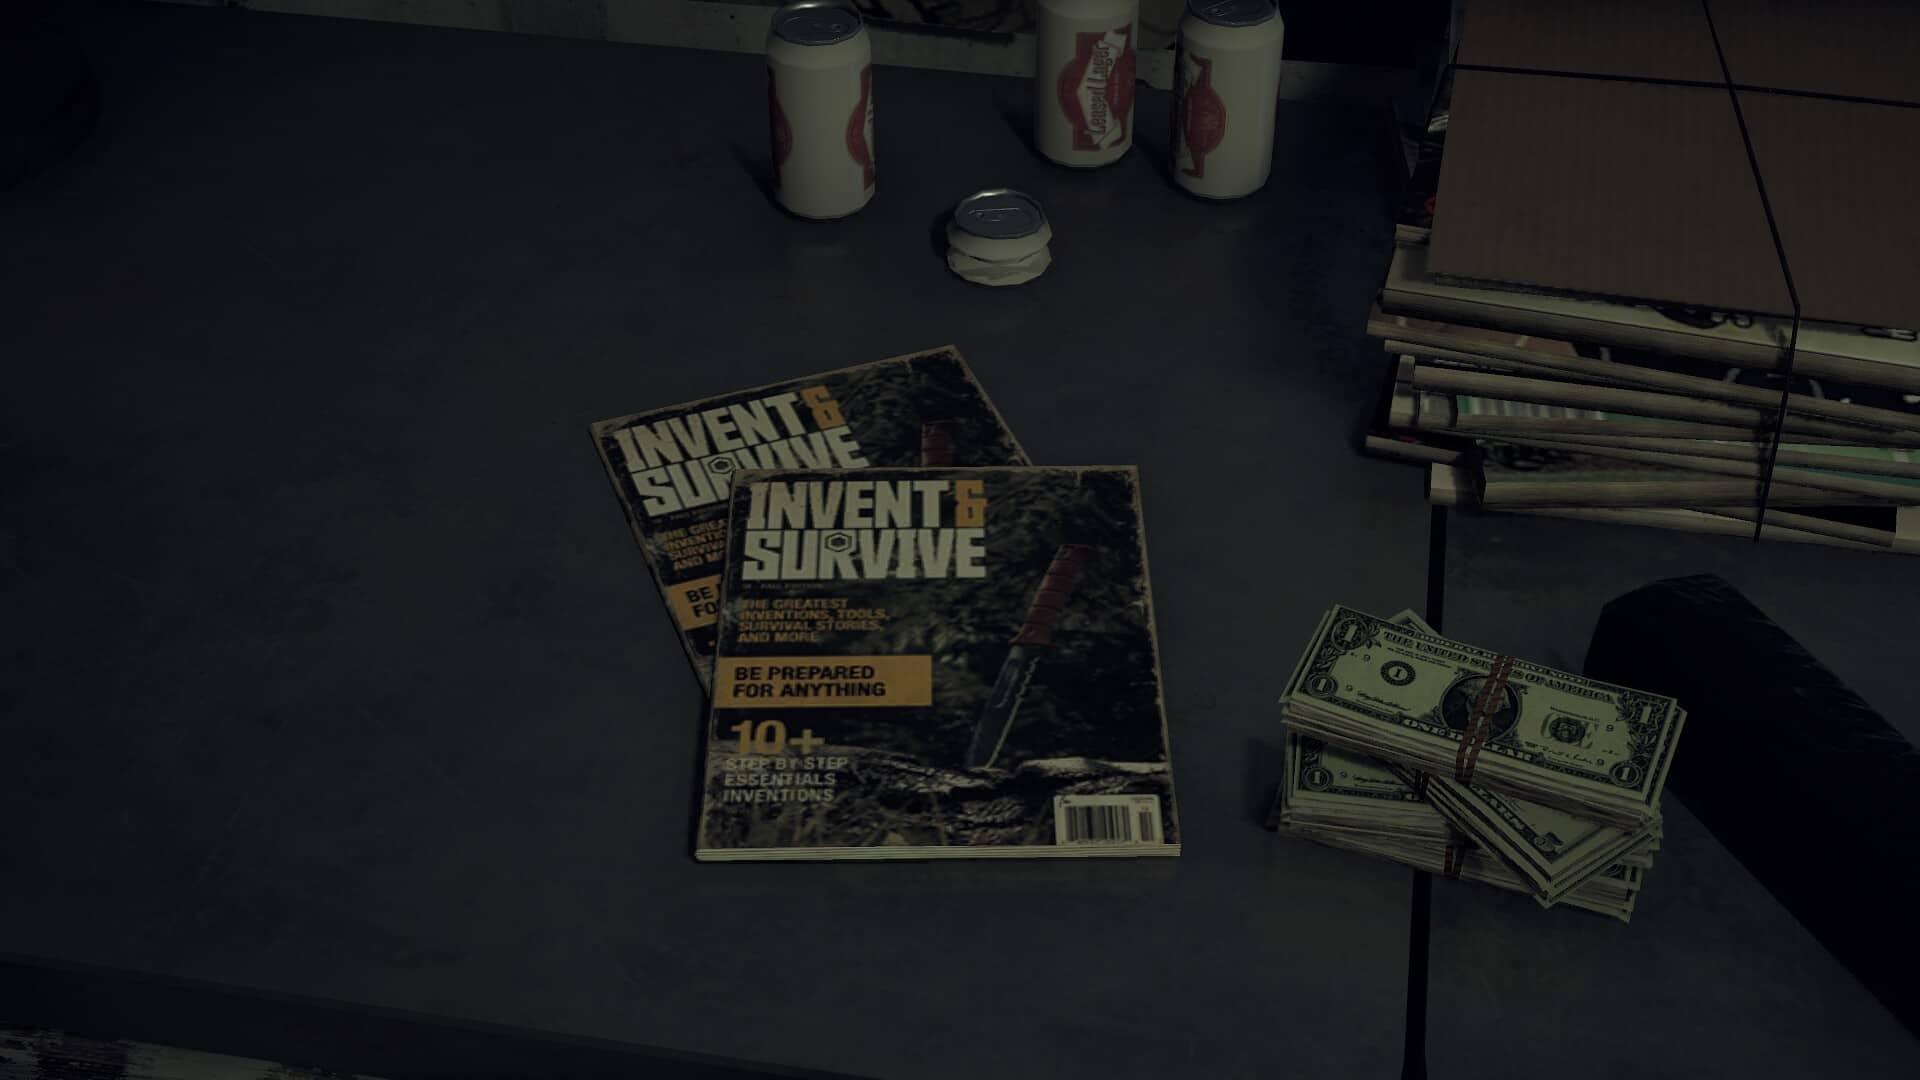 Far Cry 5 revistas talento